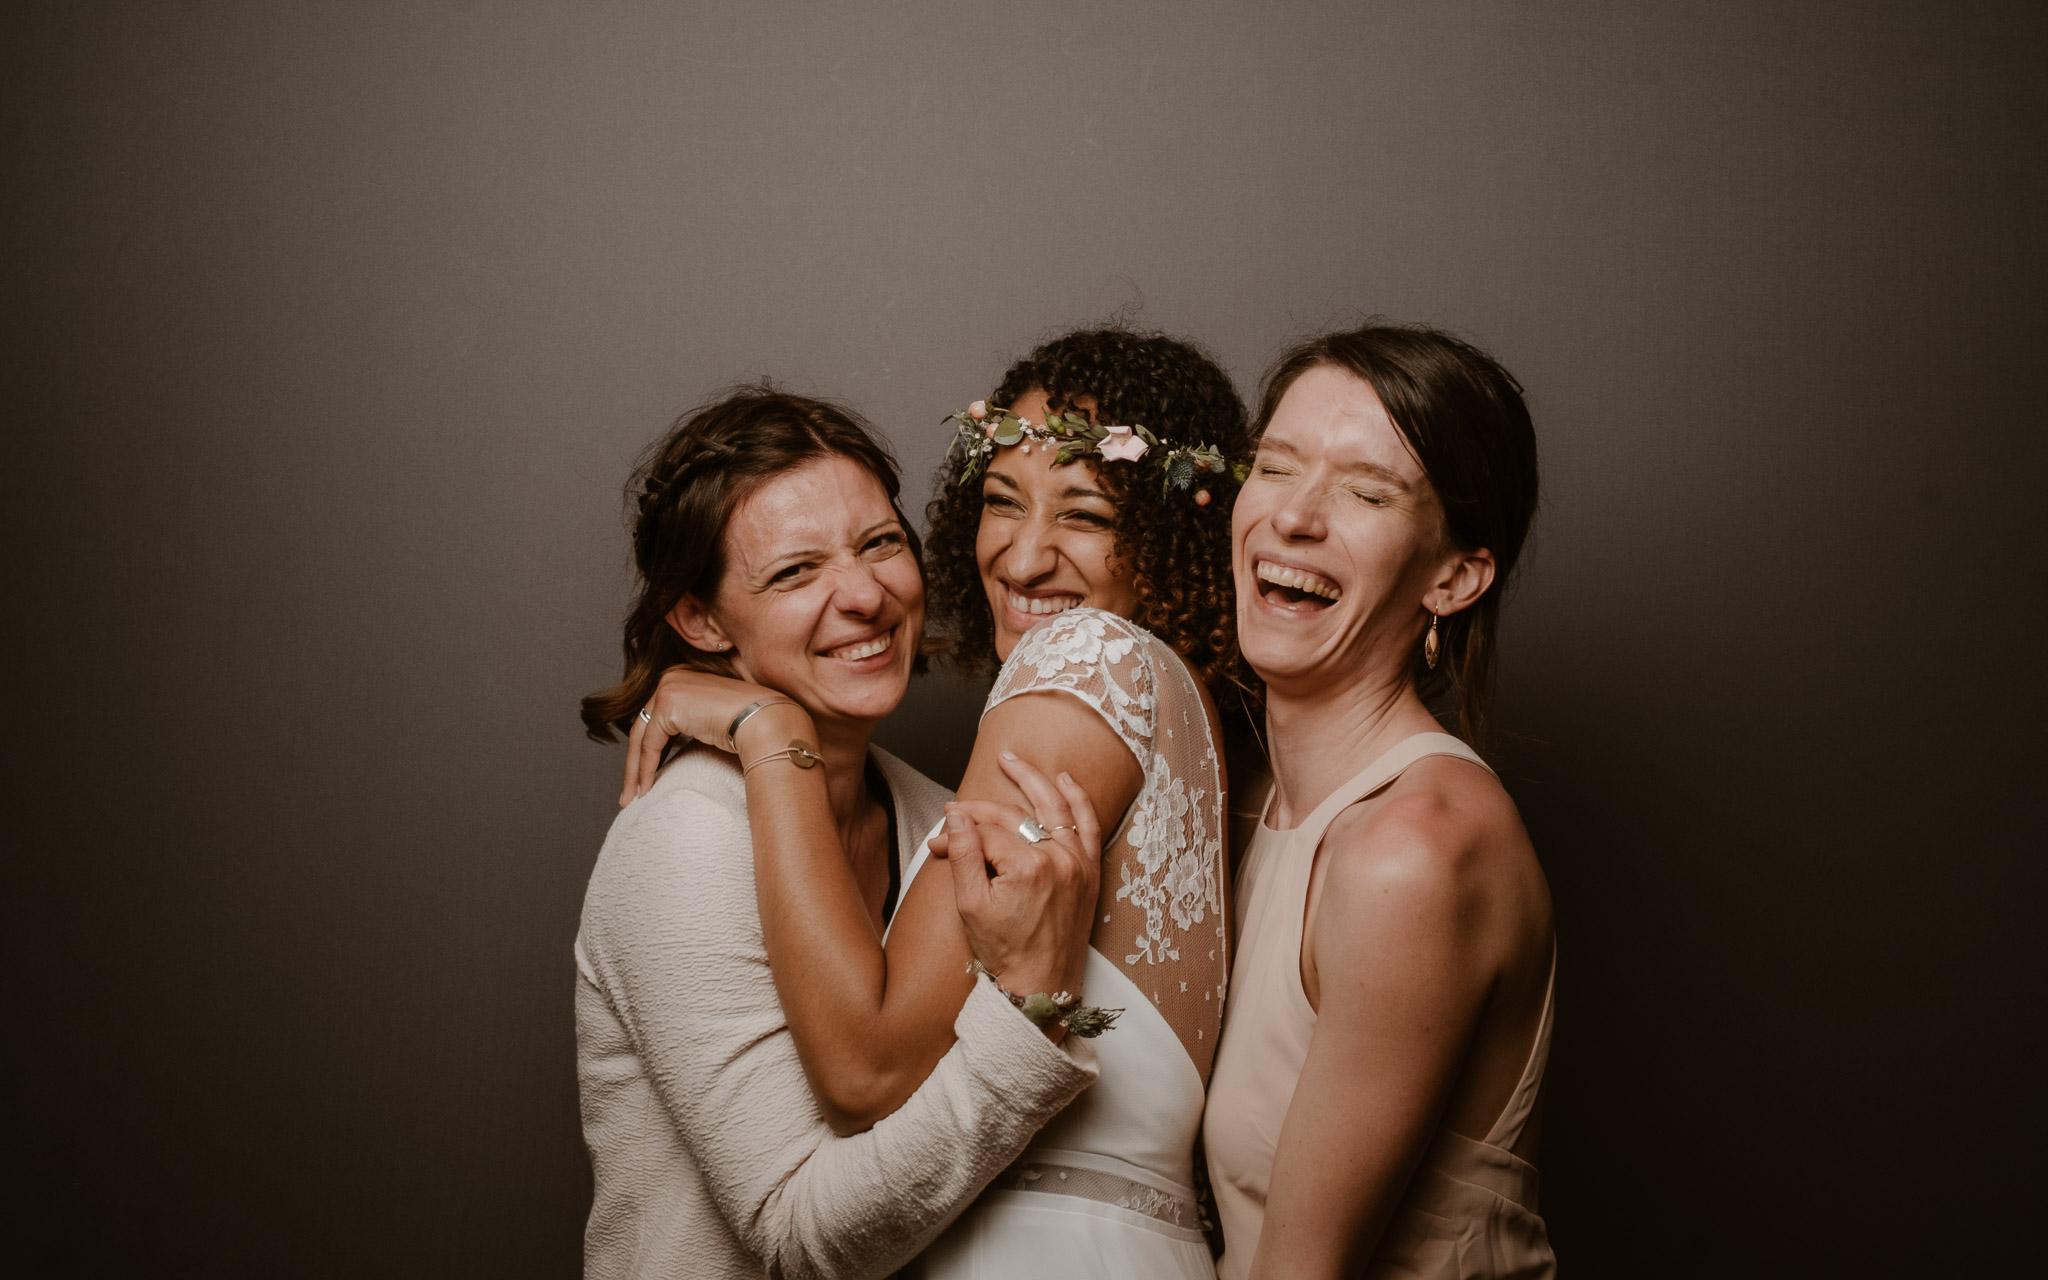 photographies d'un mariage hippie chic à la Chapelle sur Erdre, près de Nantes